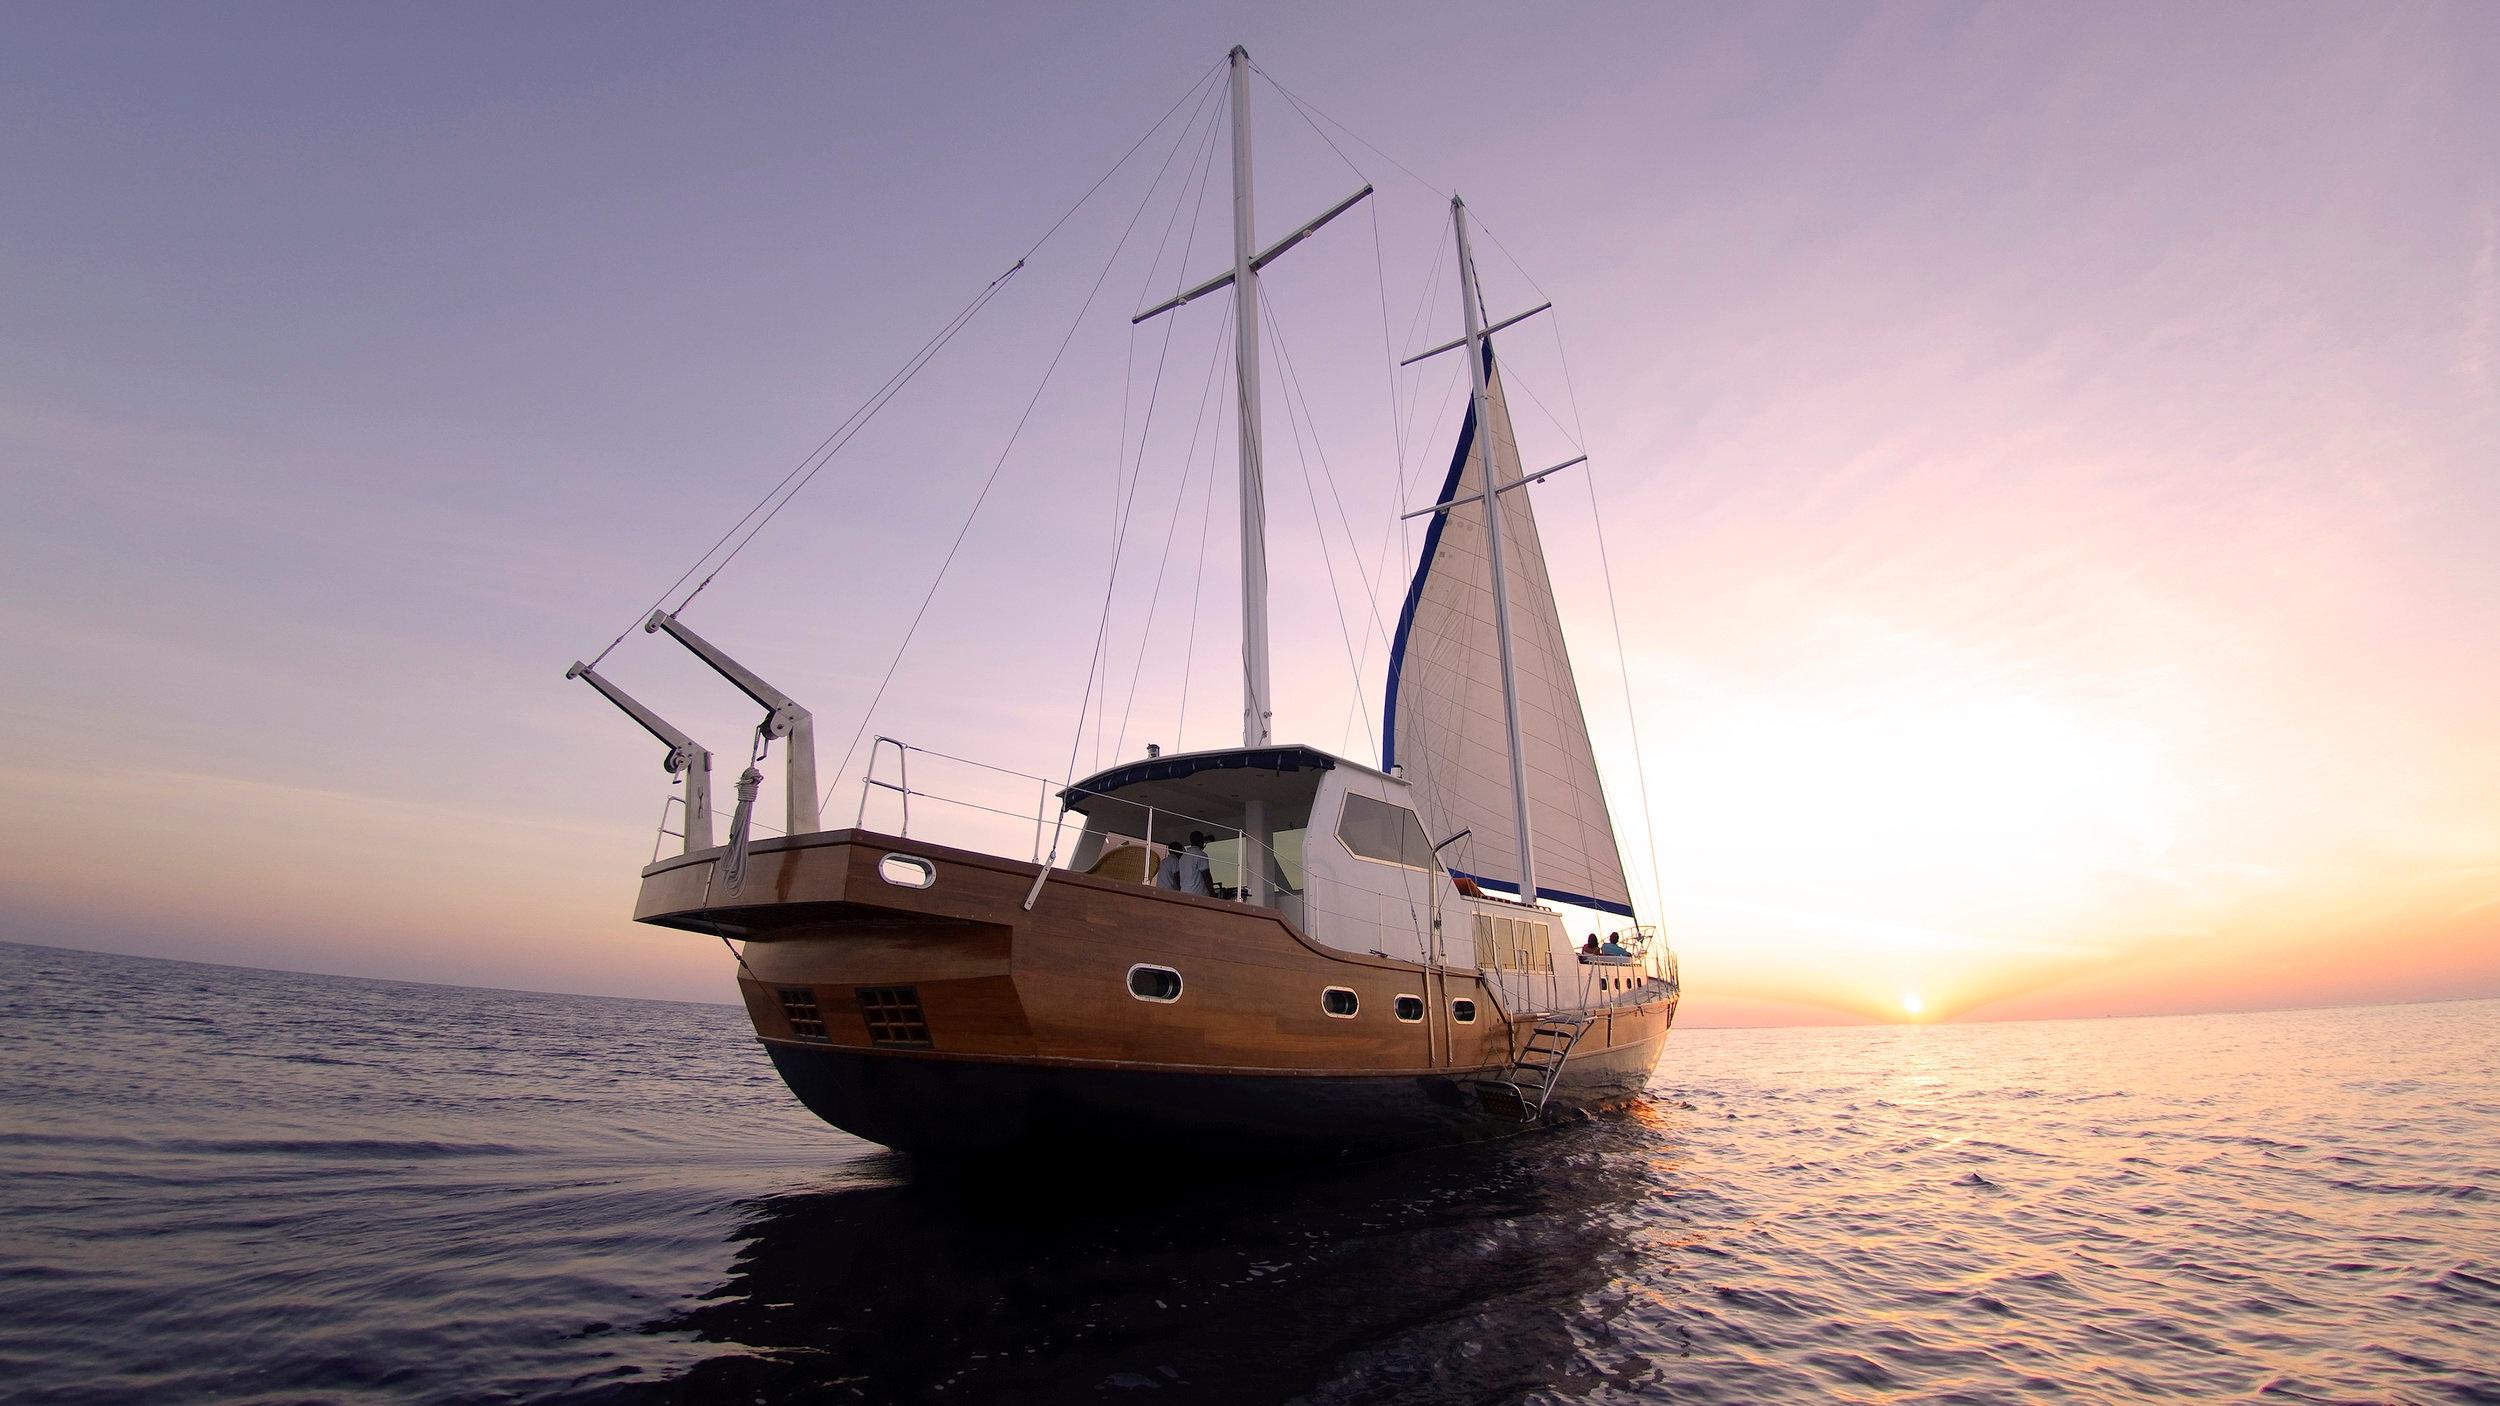 61620252-H1-Anantara_Kihavah_Ocean_Whisperer_Yacht.jpg